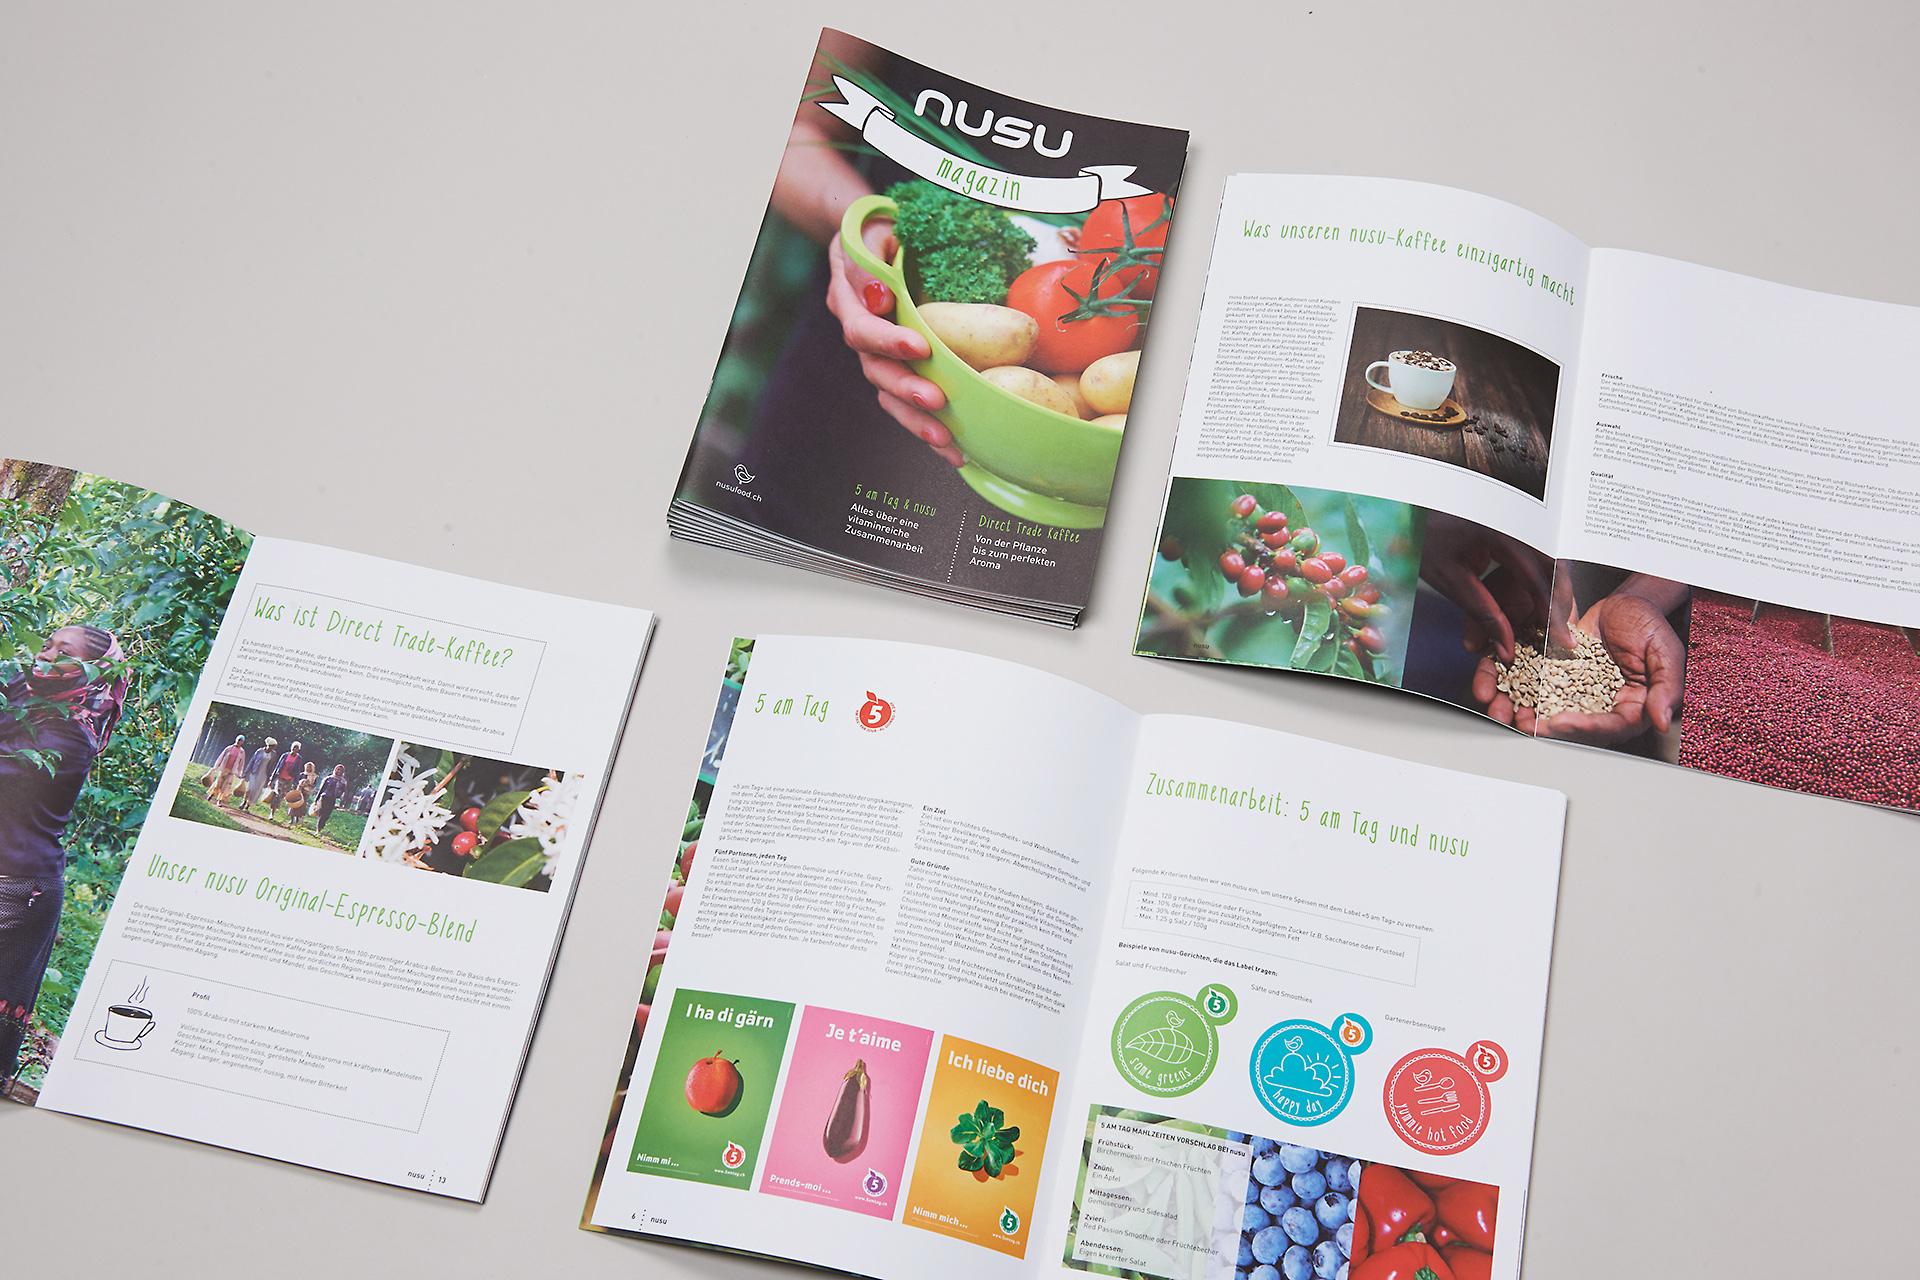 toloom-arbeiten-nusu-4-magazin1.jpg